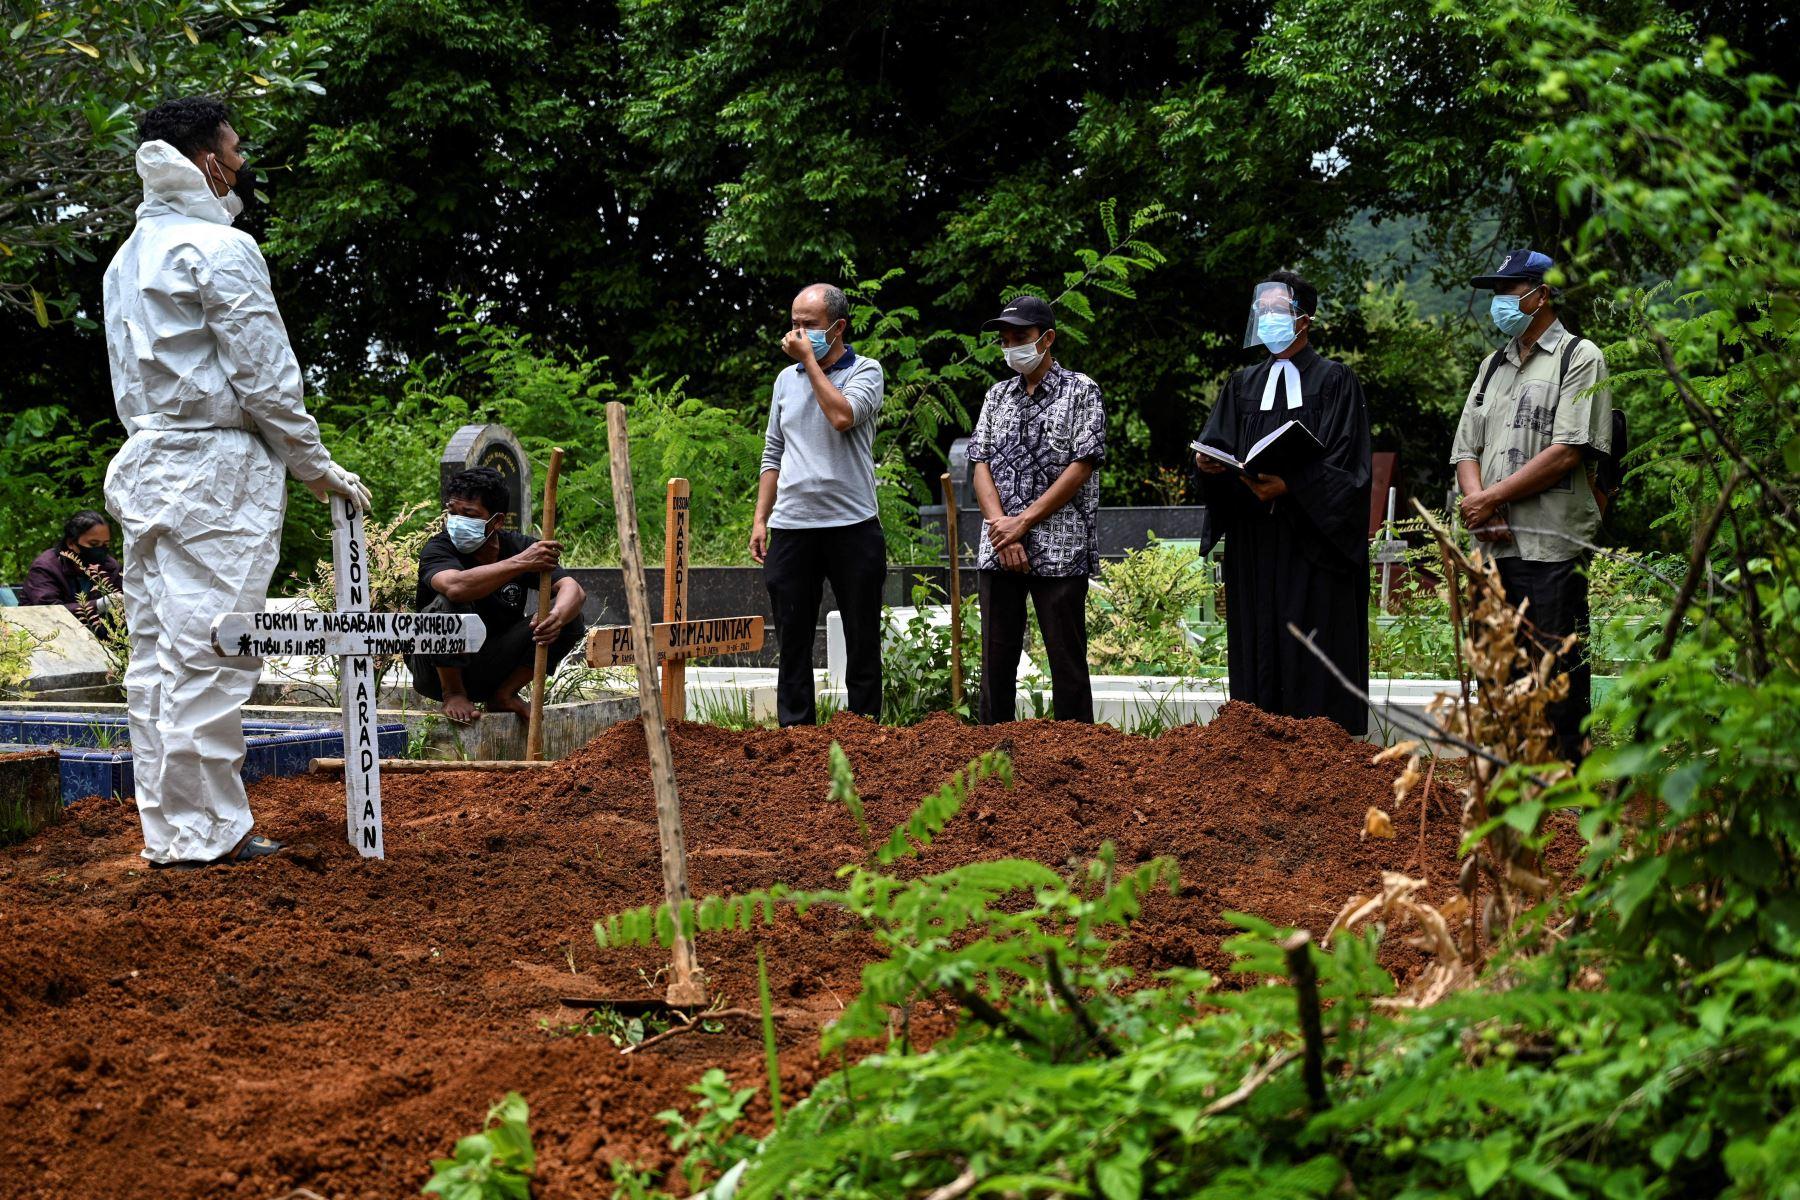 Familiares rezan después de bajar el ataúd de una víctima del coronavirus en un cementerio en Darul Imarah, en las afueras de Banda Aceh. Foto: AFP